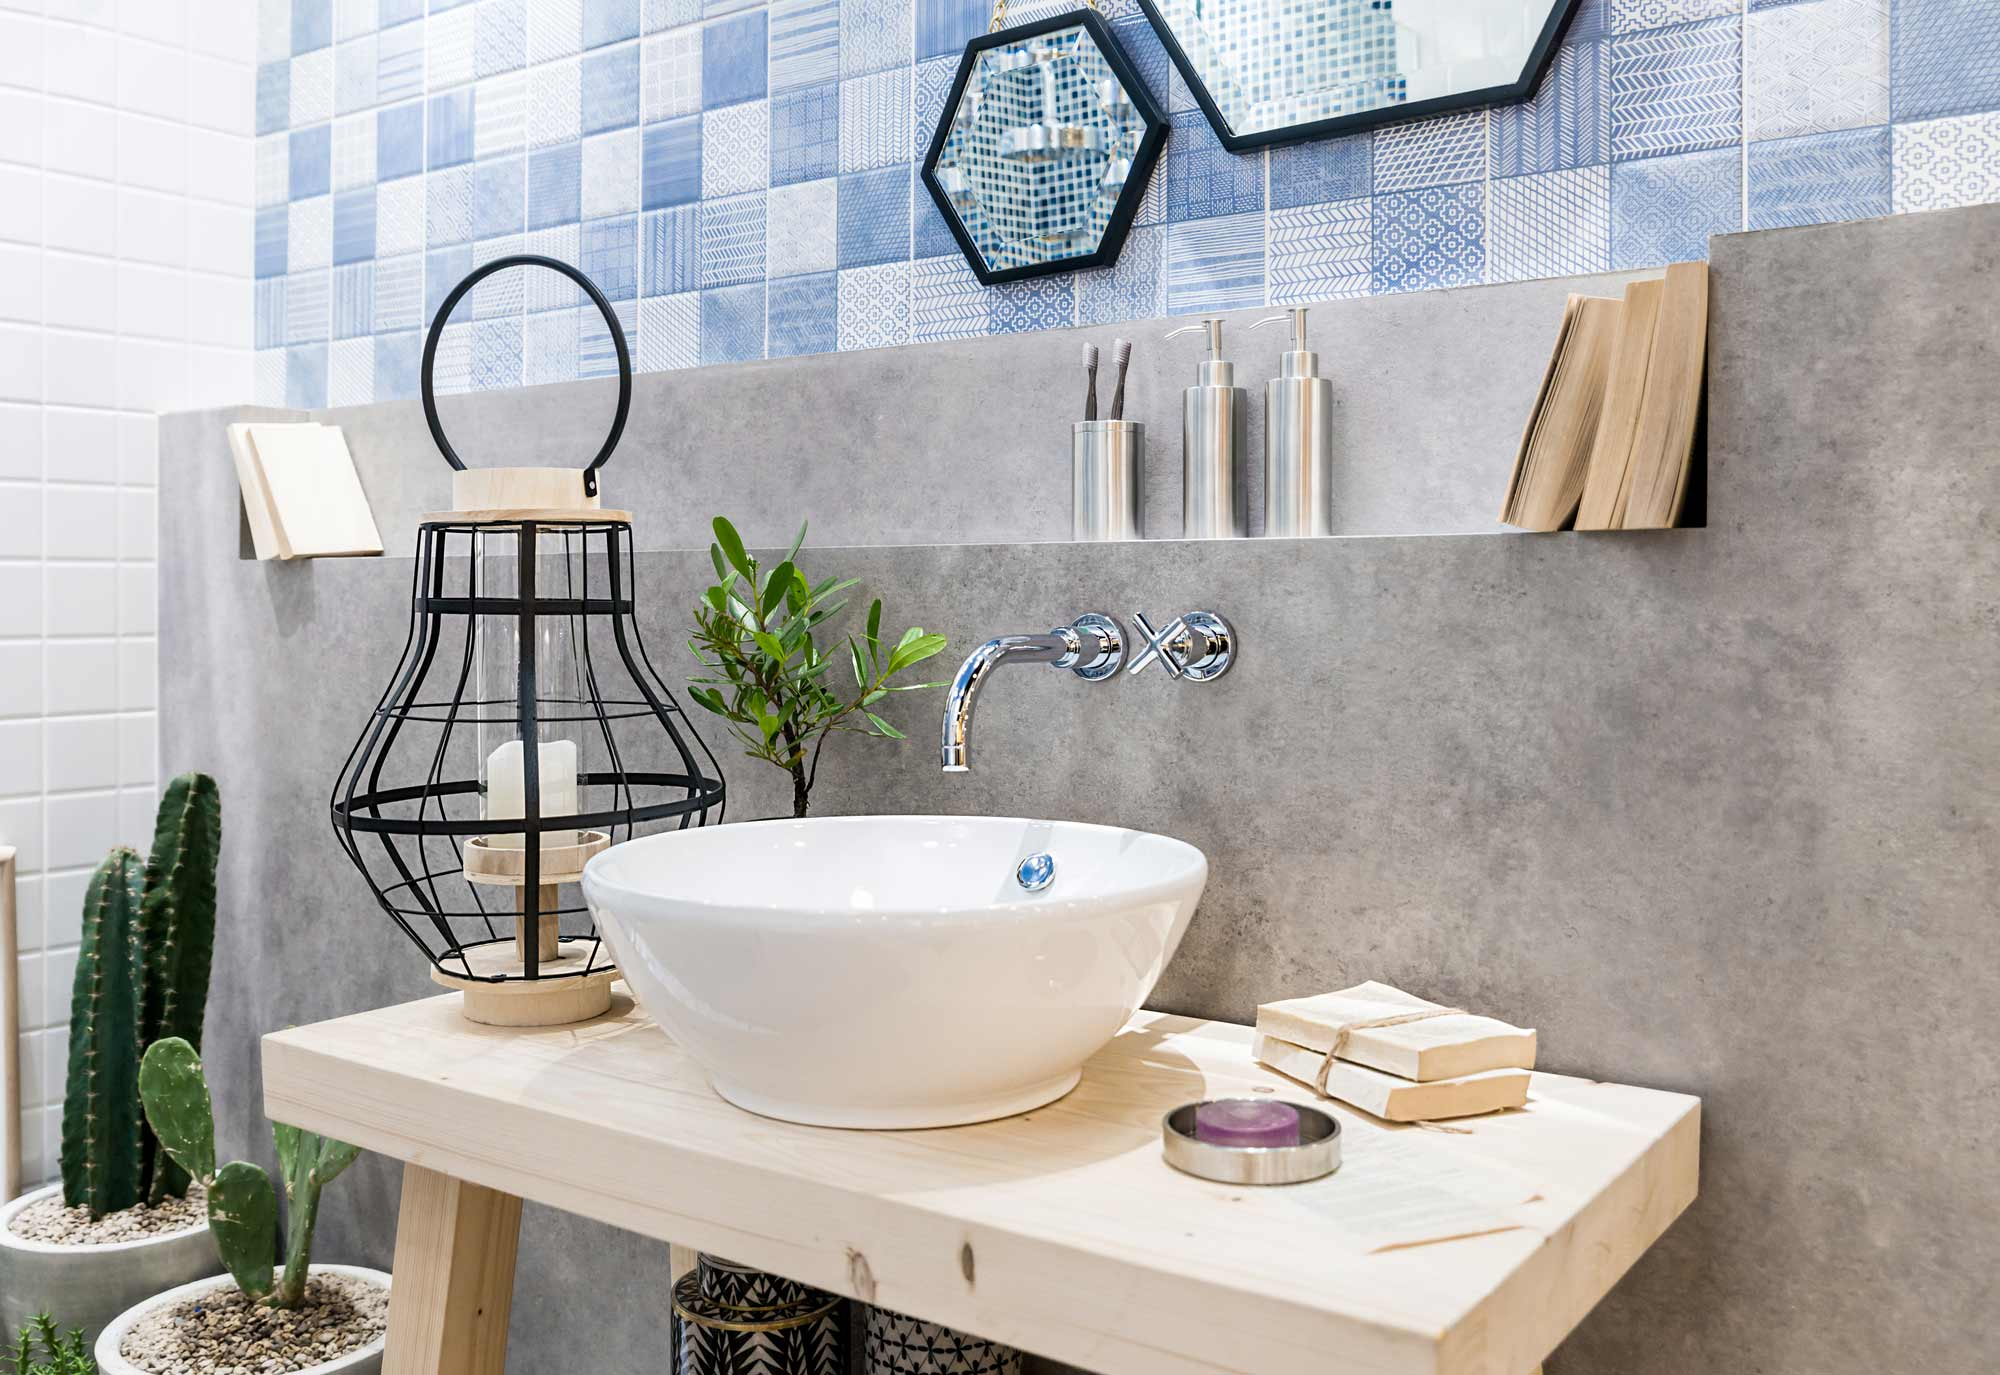 Plan De Toilette Hydrofuge comment installer, monter, poser une vasque de salle de bain ?